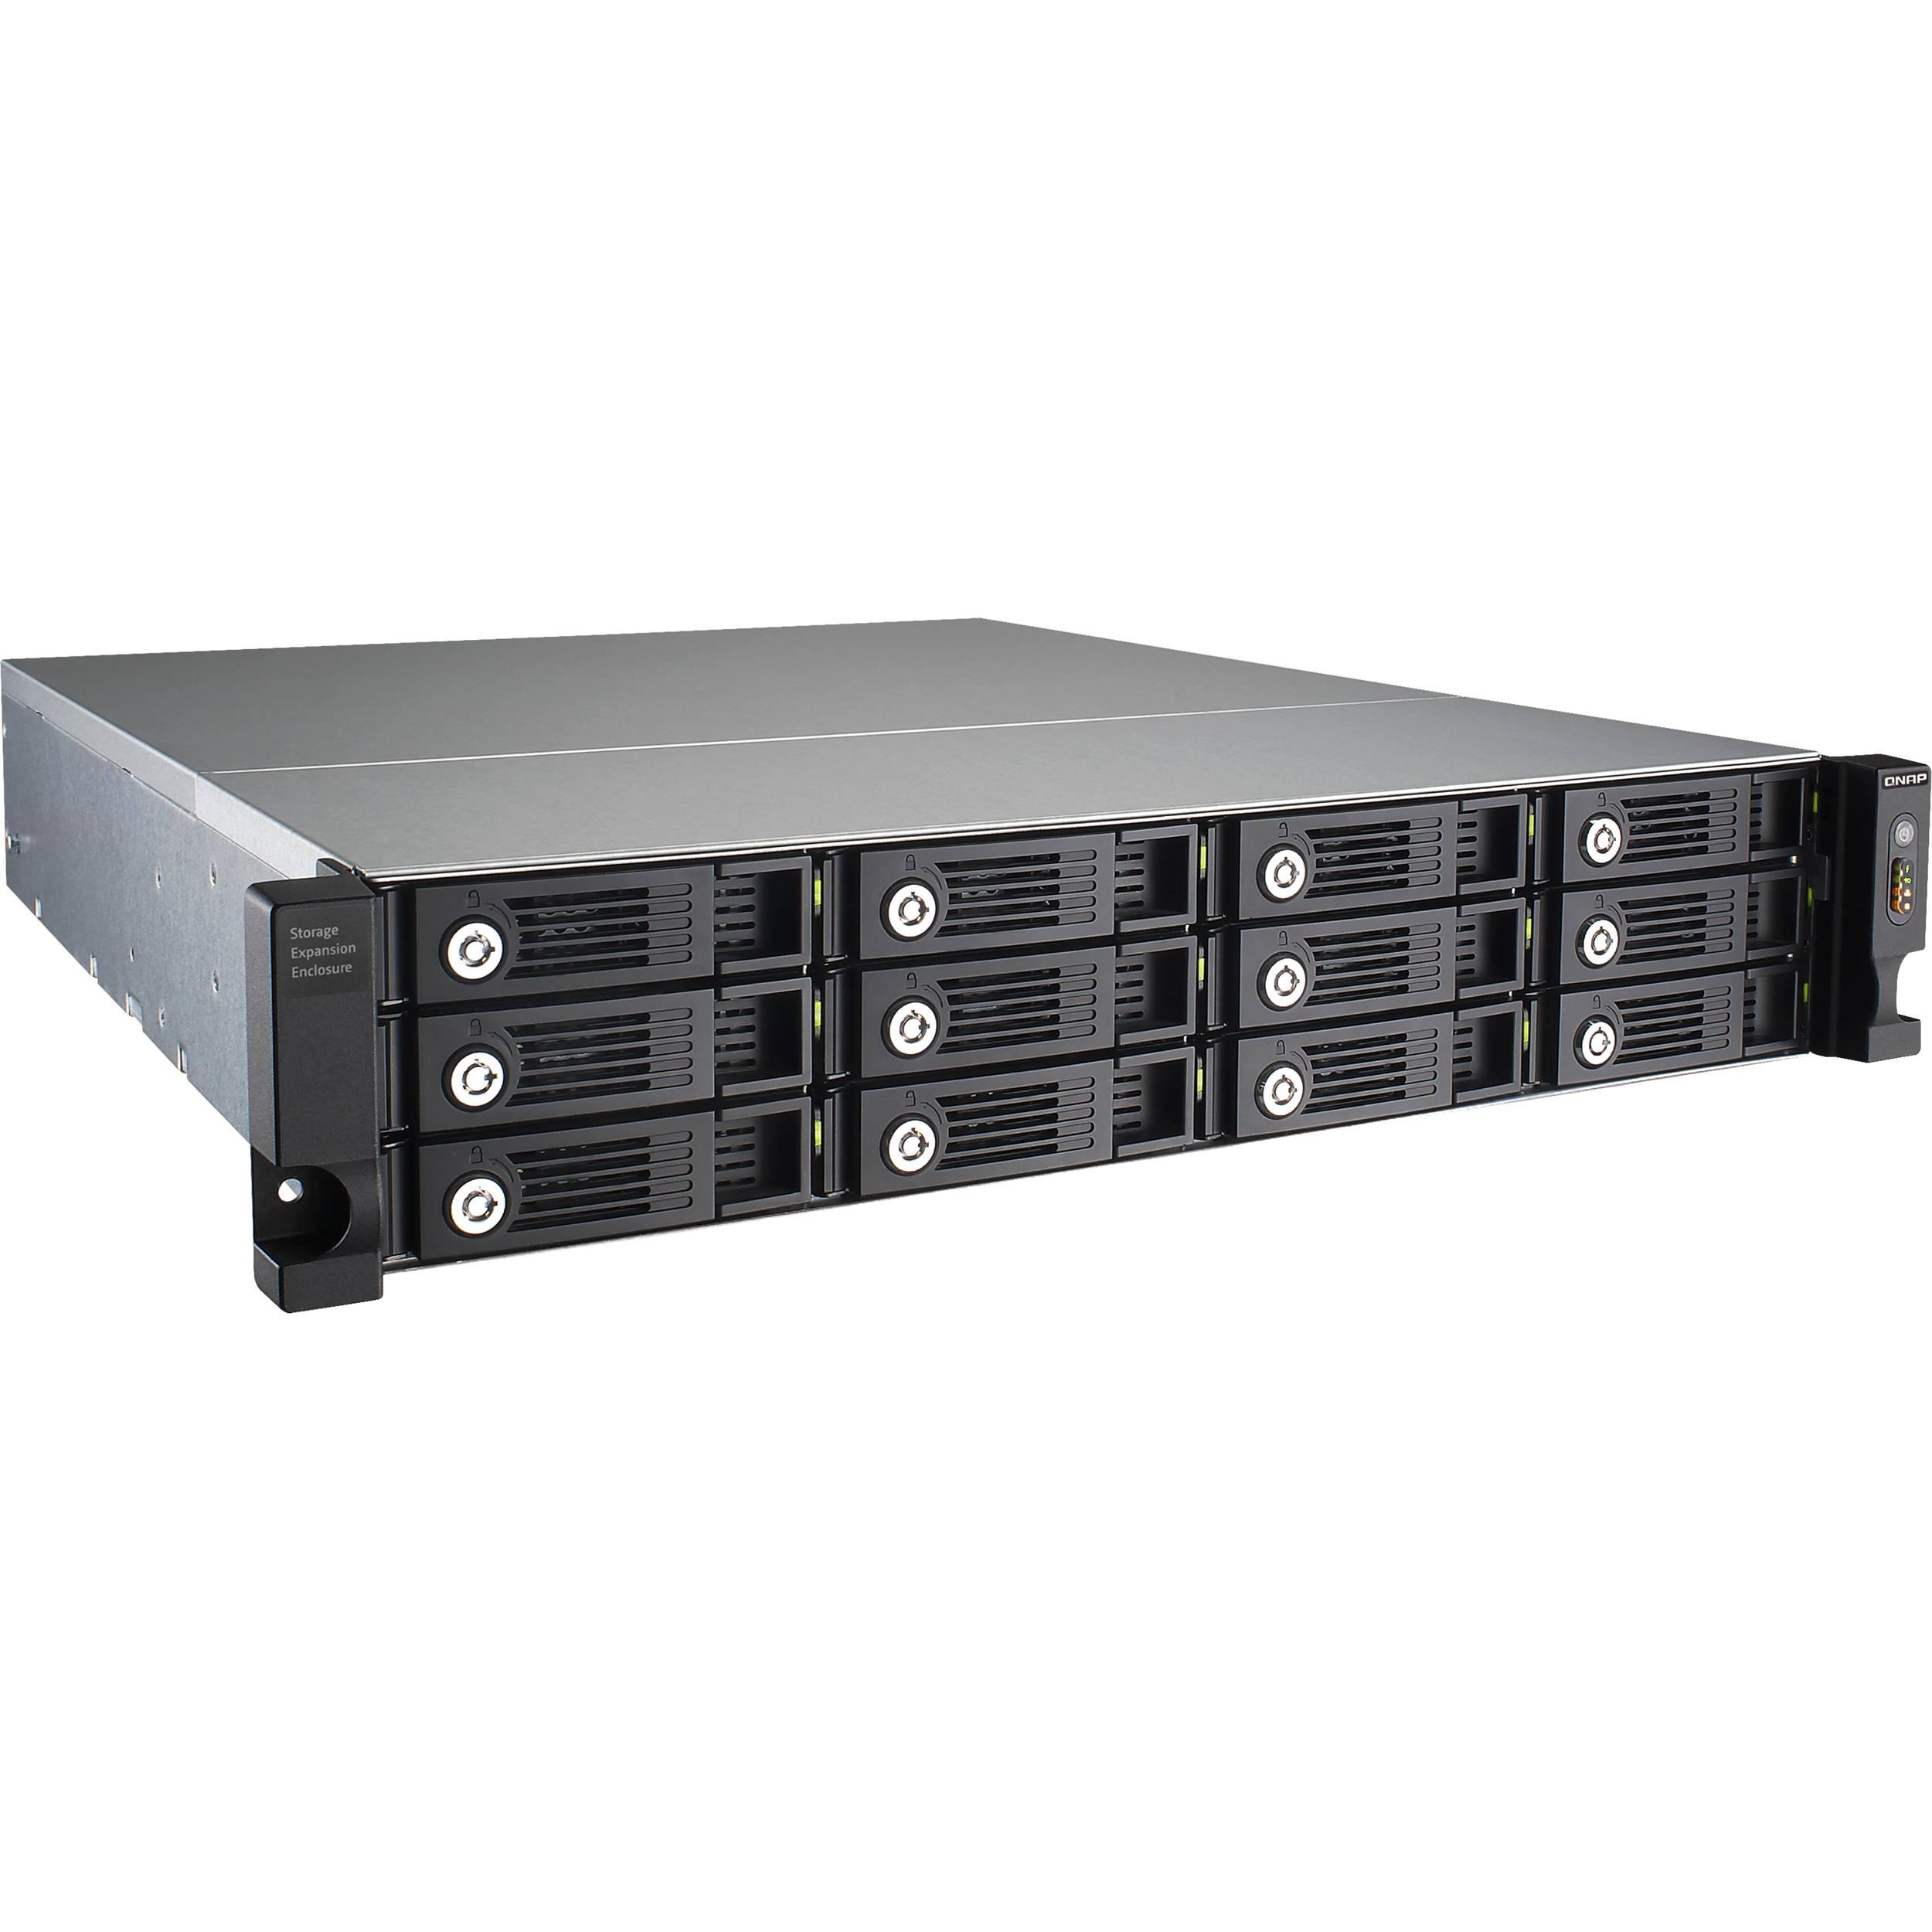 QNAP TS-470U-RP TurboNAS QTS Vista